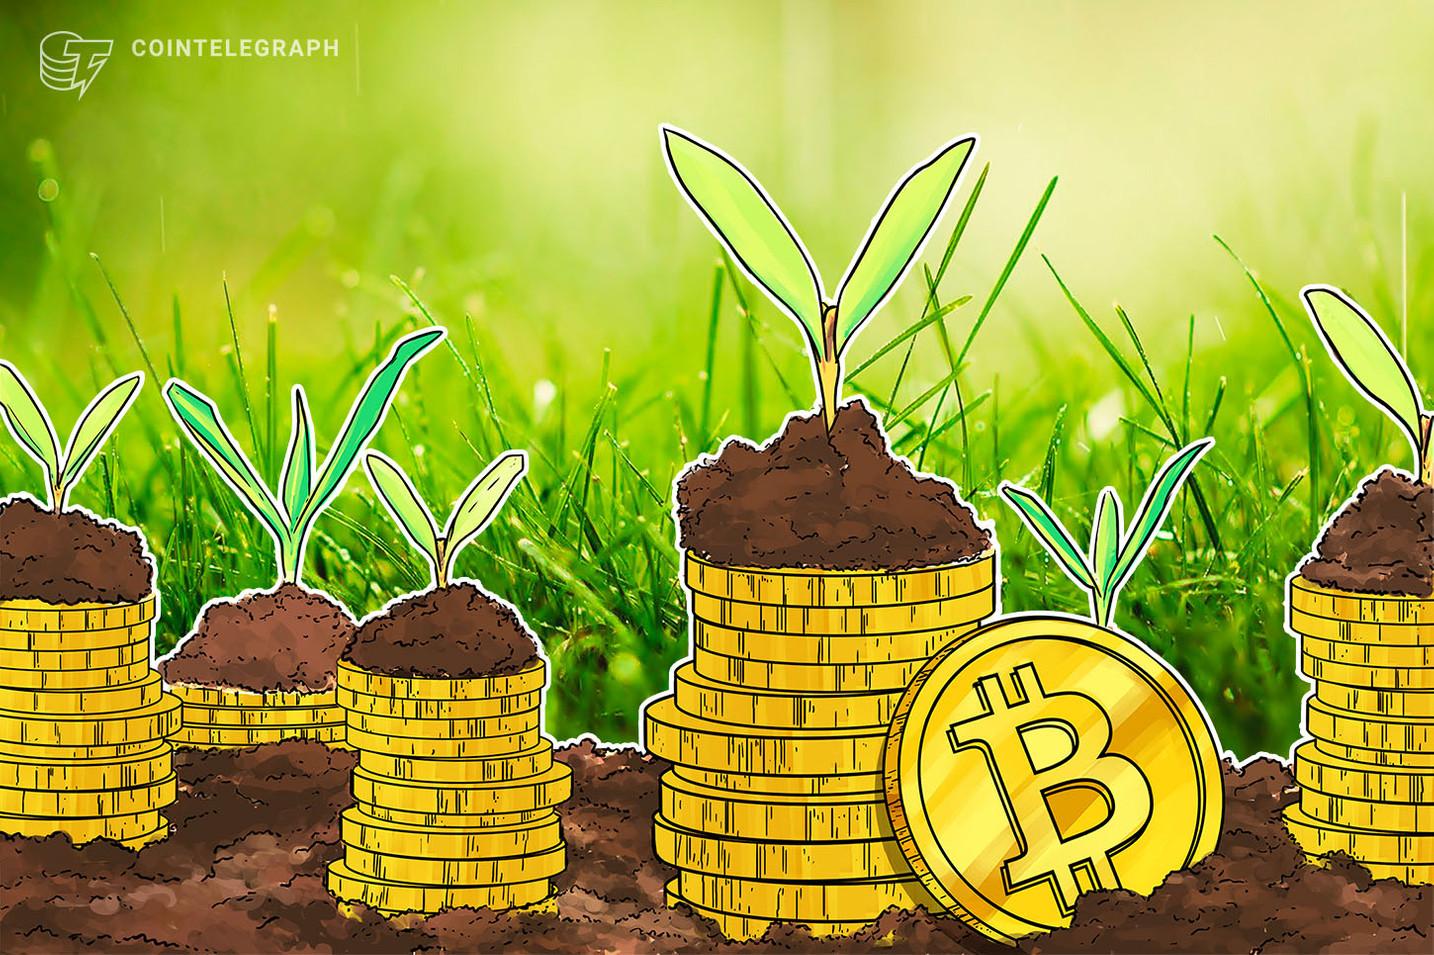 伝説の投資家モビアス氏、仮想通貨ビットコイン購入の条件に言及